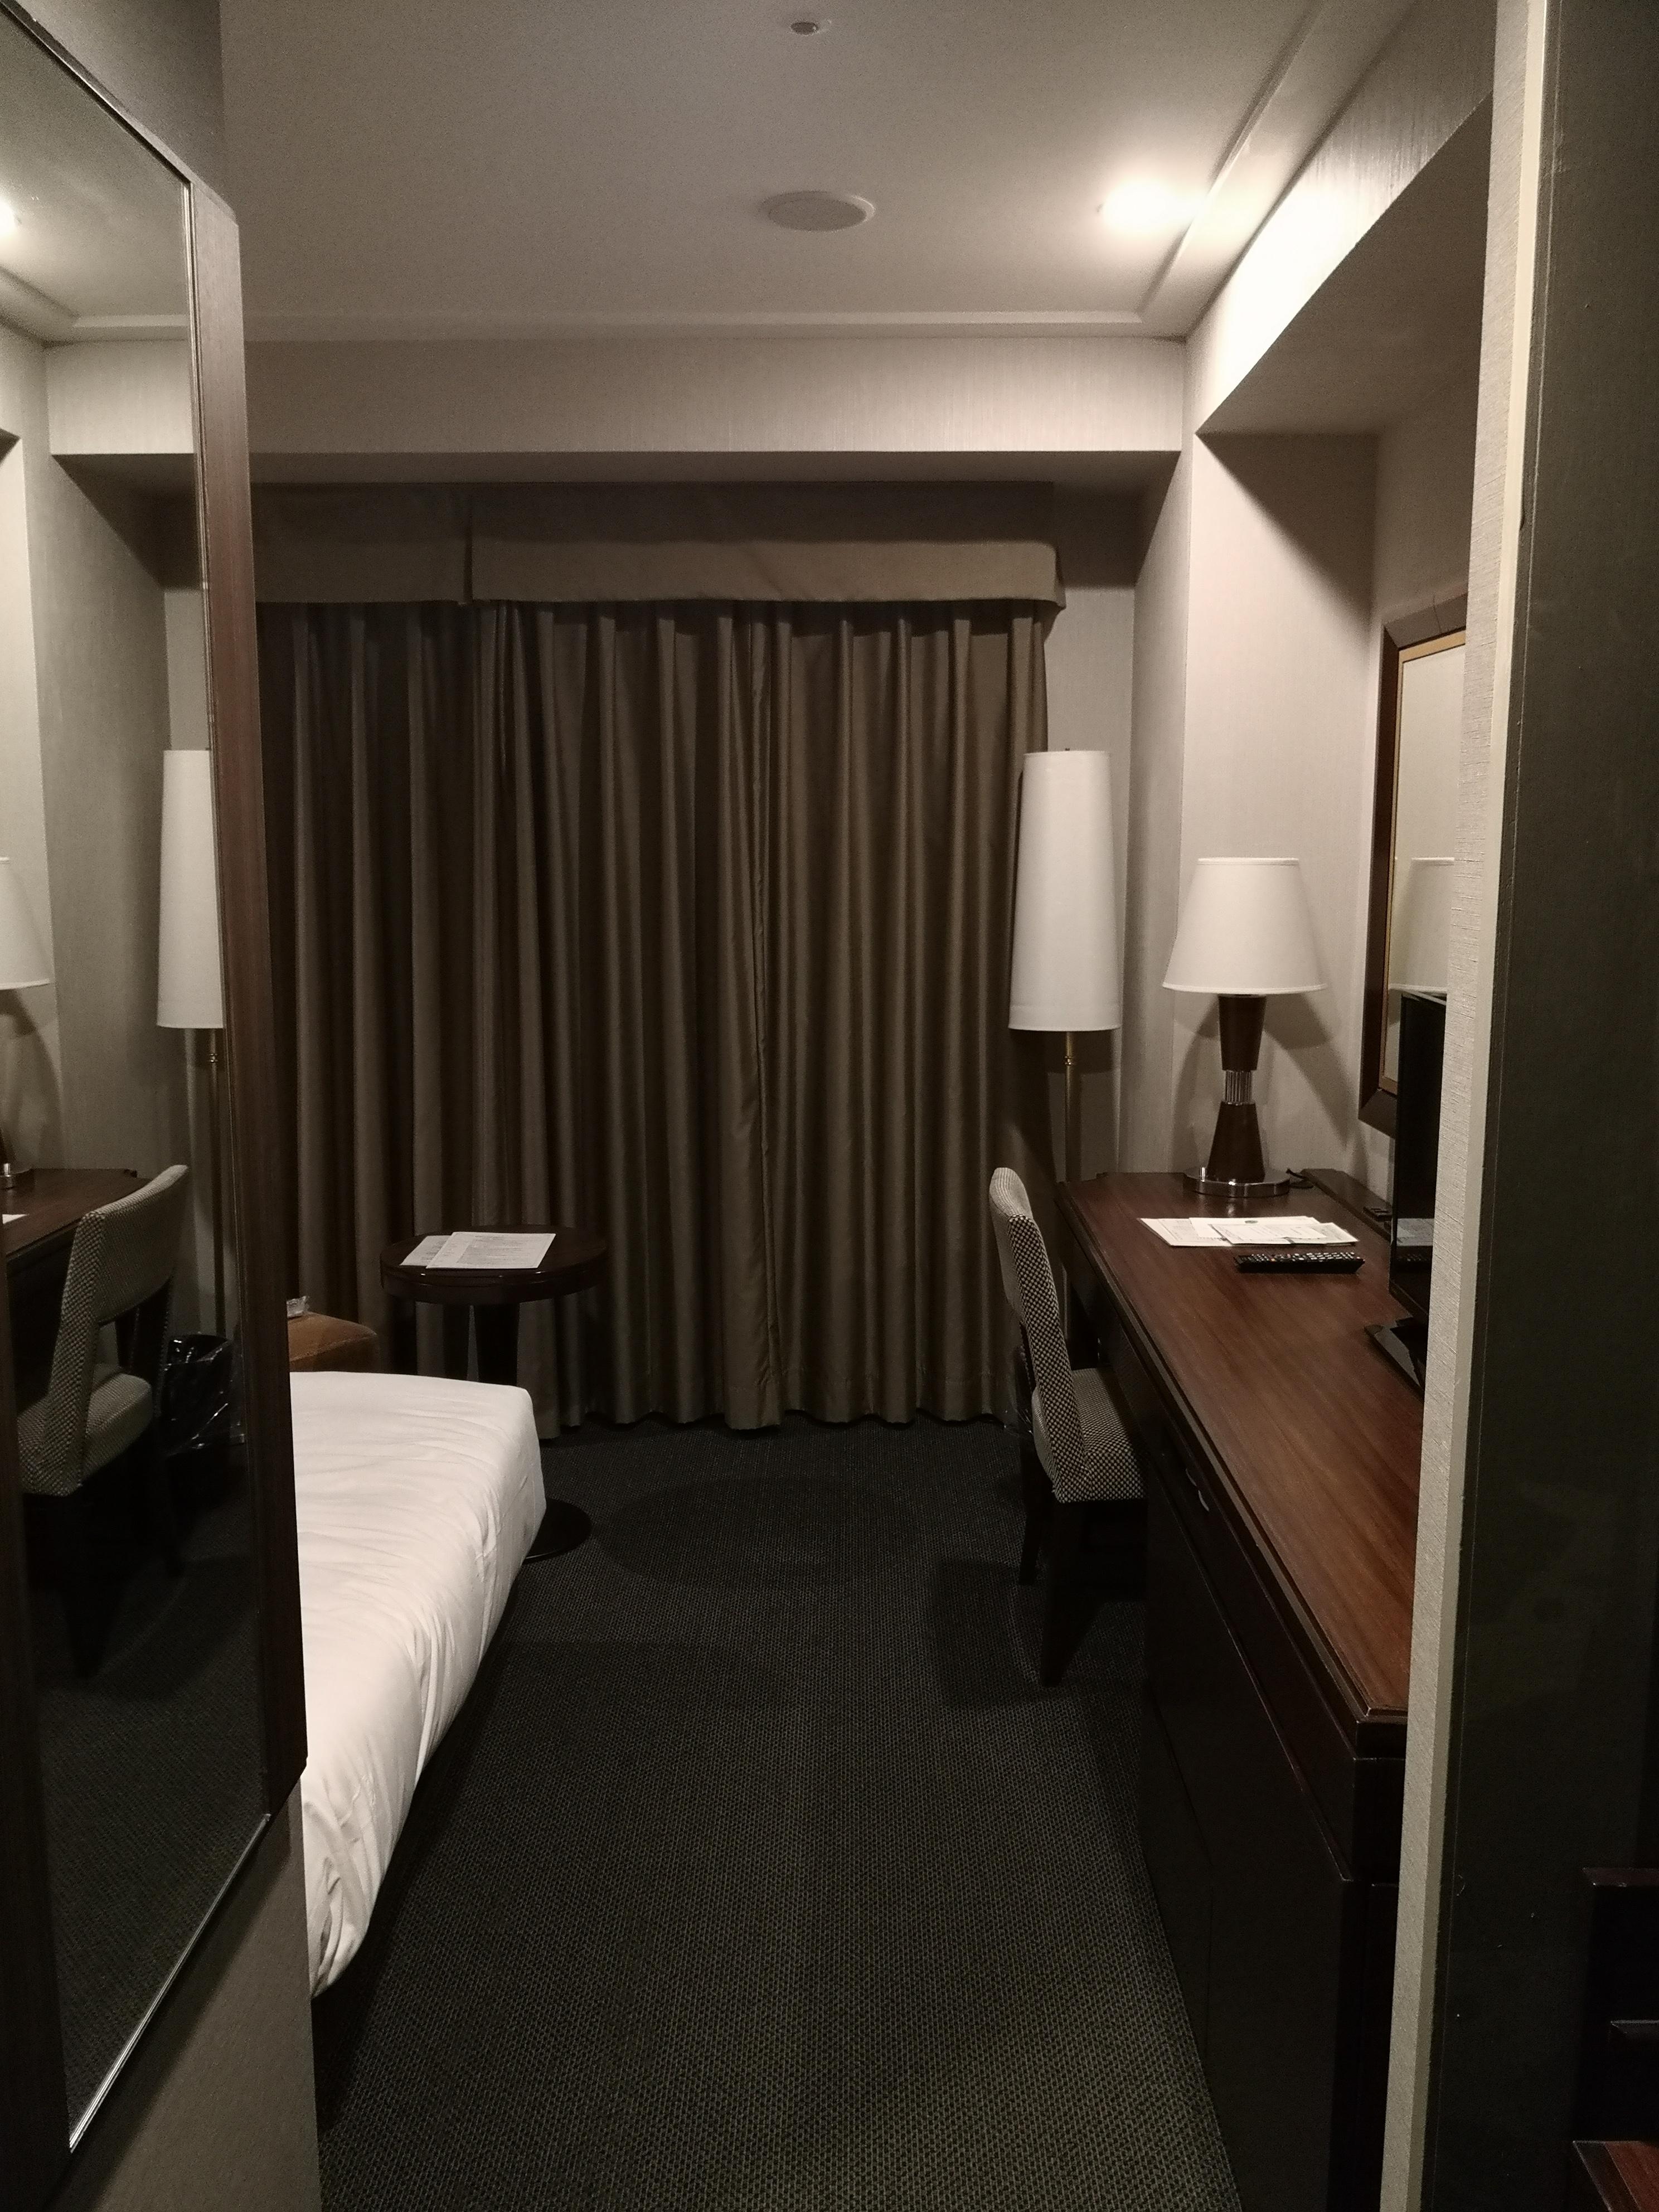 名古屋東急ホテルスーペリアシングル室内の様子